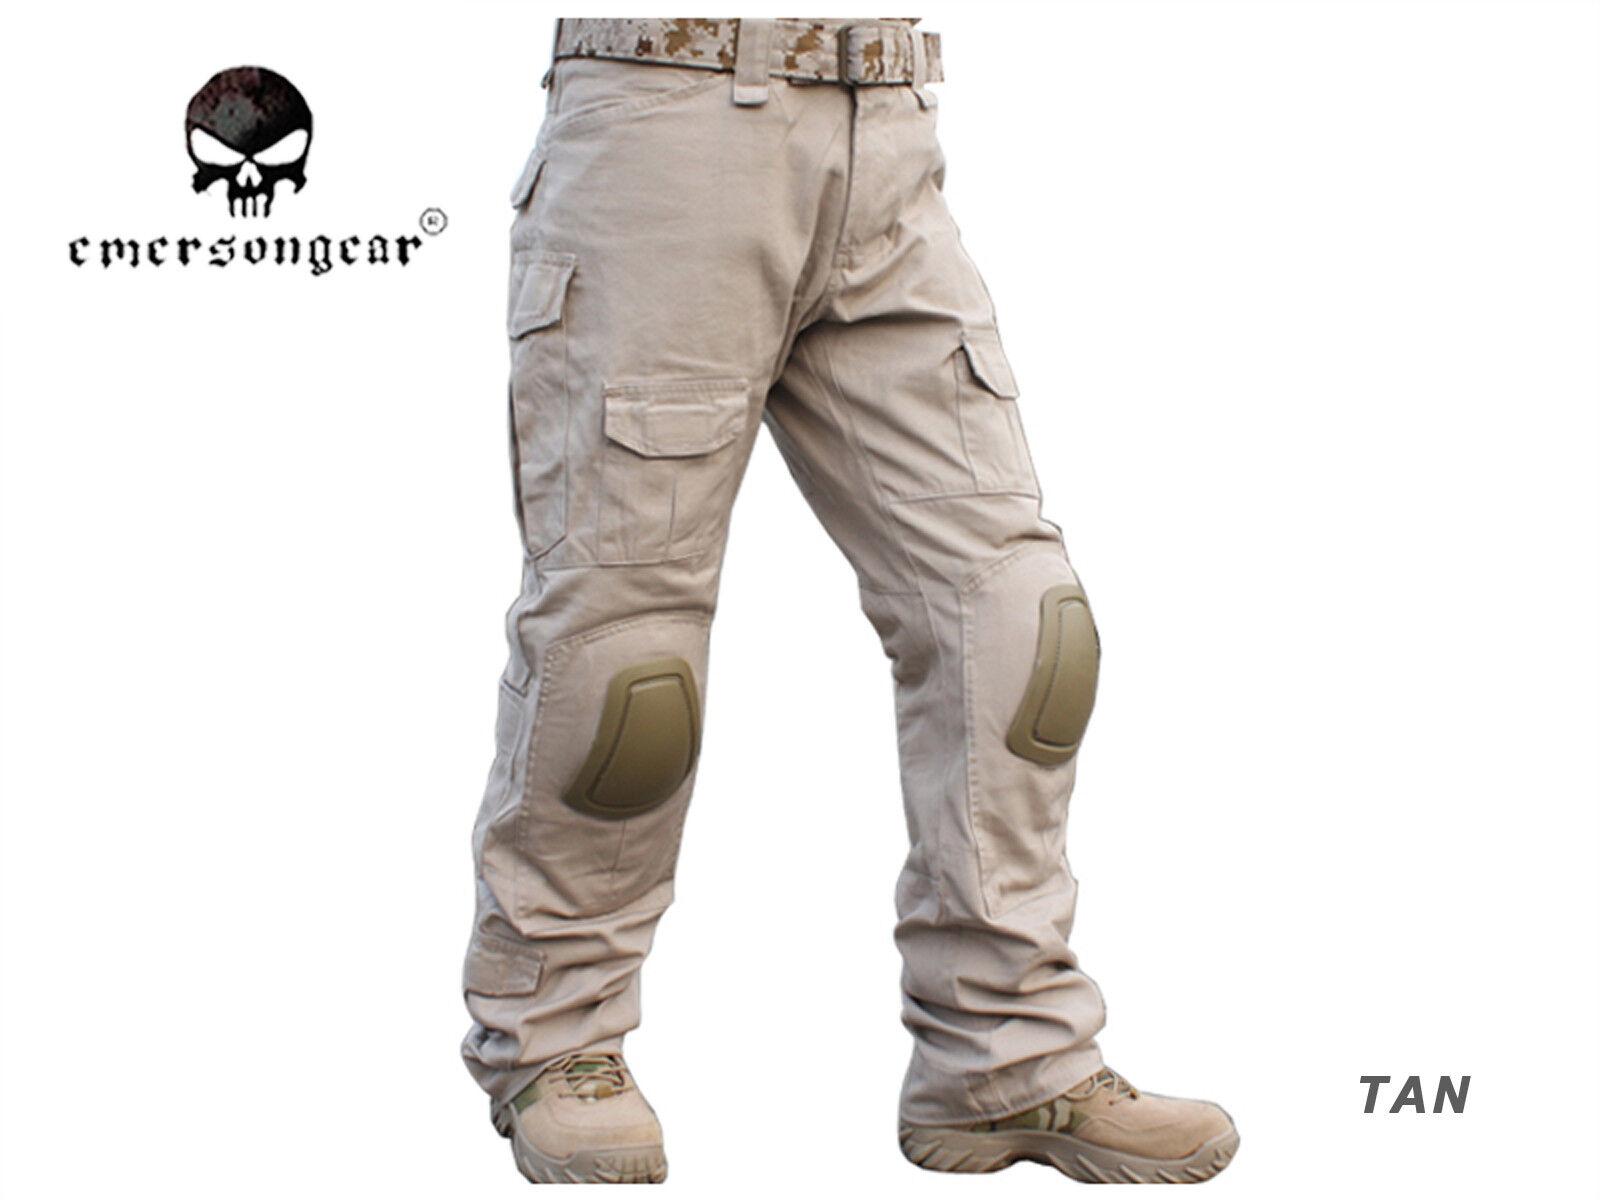 Hombres Pantalones BDU Combate Militar Airsoft Emerson Tactical Gen2 Pantalones Con Rodillera